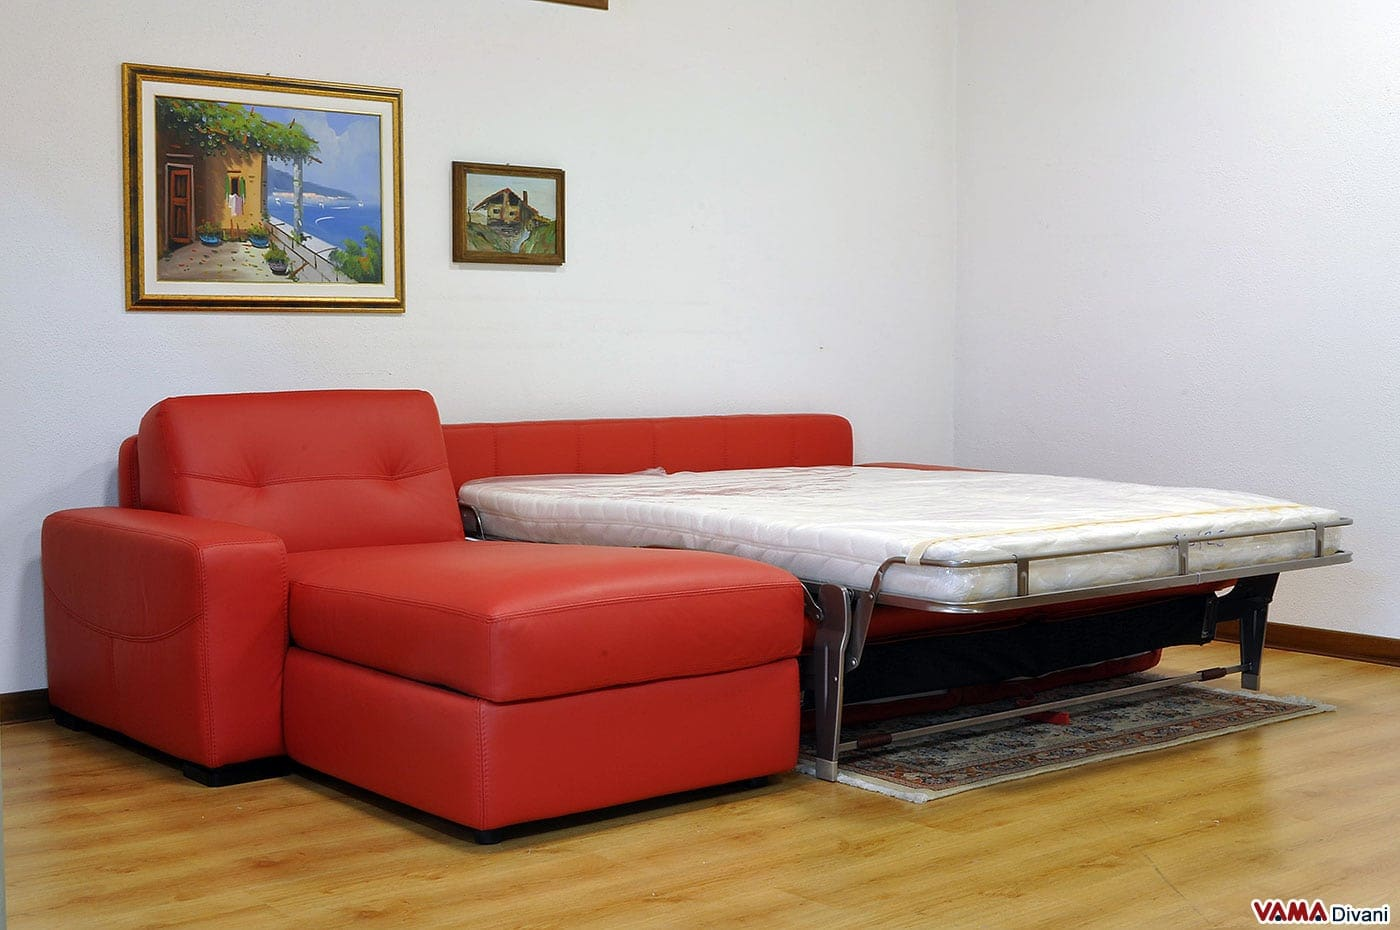 Divano angolare con letto matrimoniale e penisola contenitore - Divano letto angolare divani e divani ...